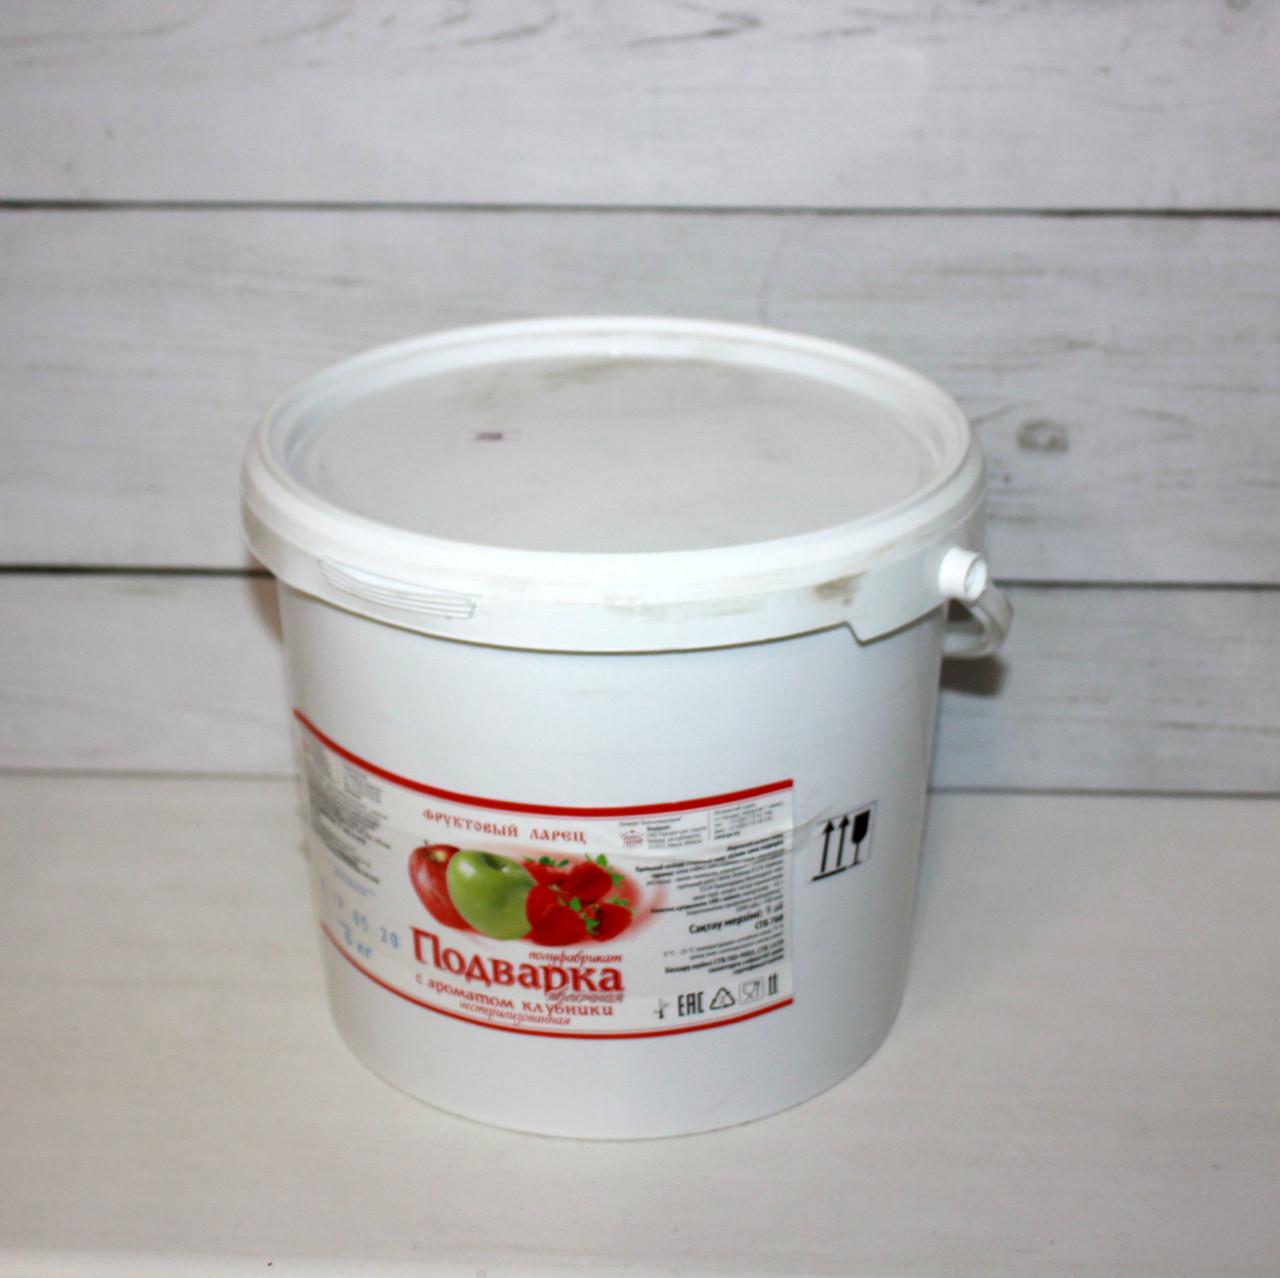 Подварка фруктовая с ароматом клубники 6 кг